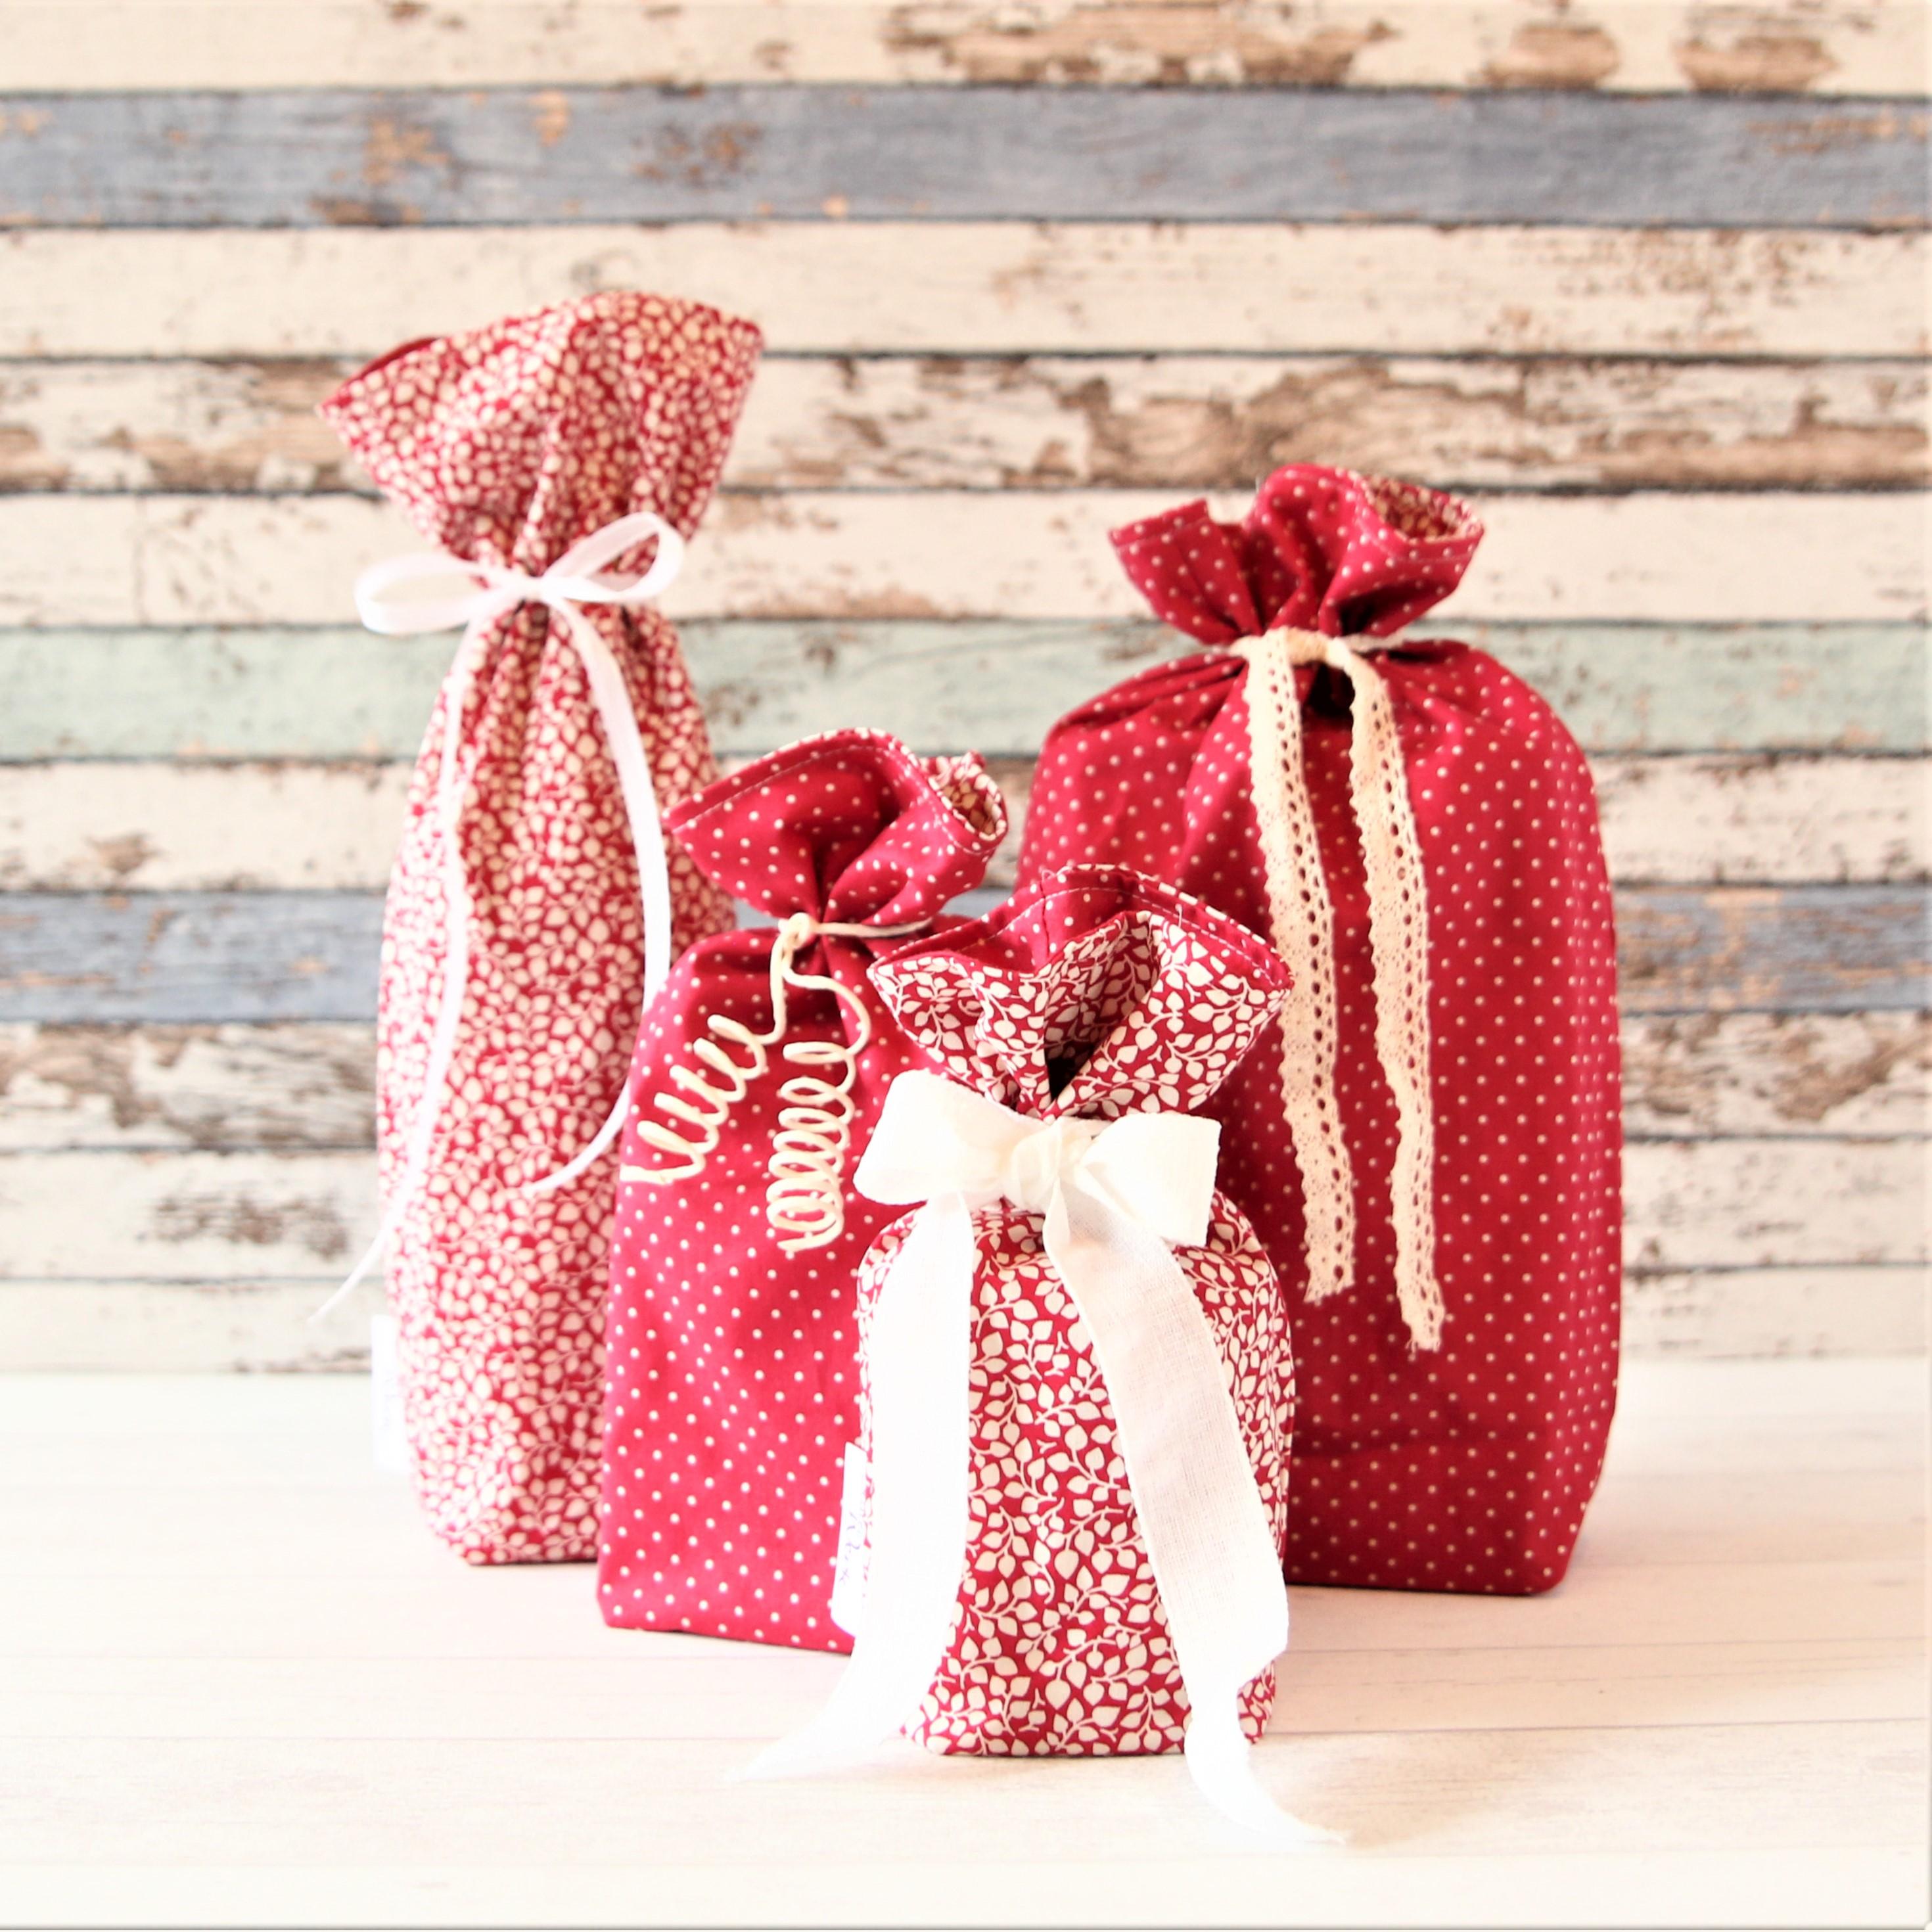 Geschenkbeutel für jeden Anlass, wendbar, von Beutelwerk